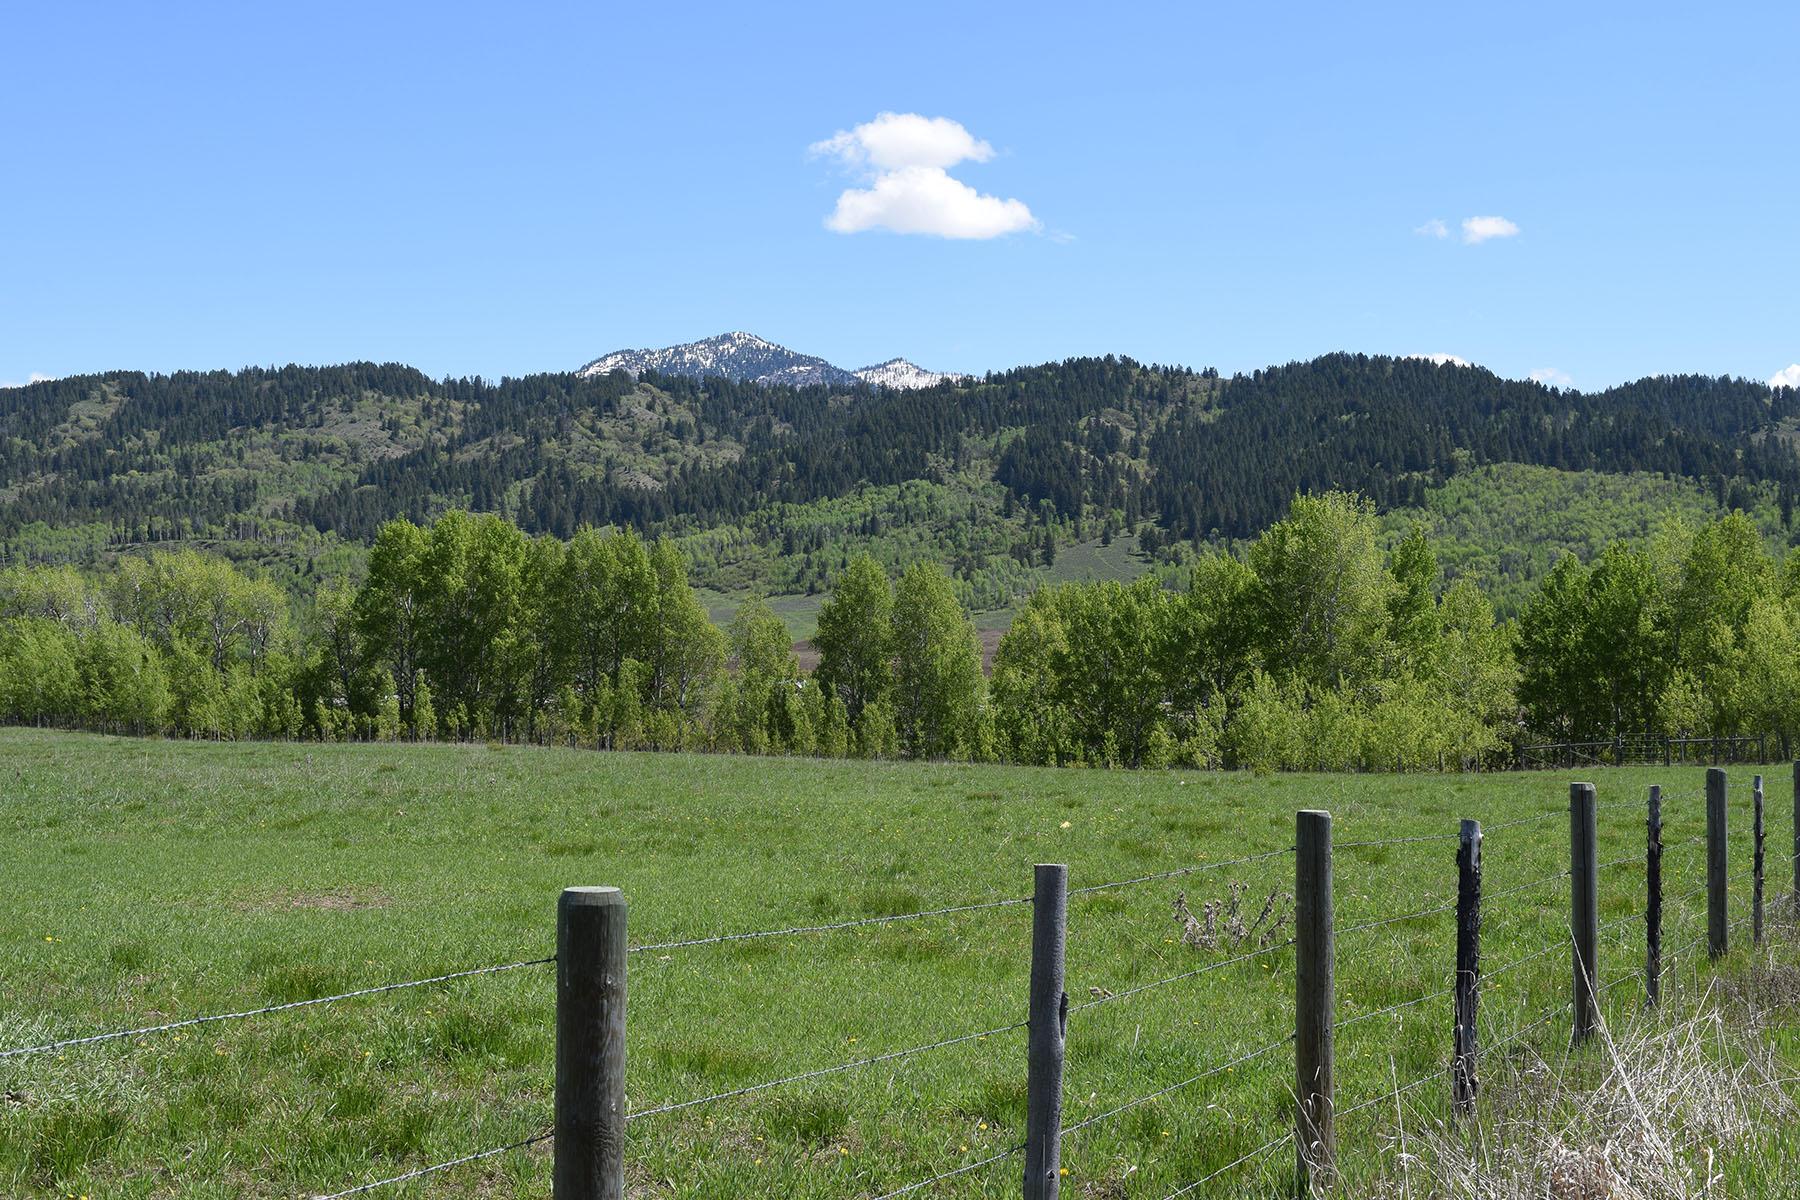 Terreno por un Venta en Elevated Private Building Site in Alpine LOT 10 BLACK MOUNTAIN LANE, Alpine, Wyoming 83128 Estados Unidos